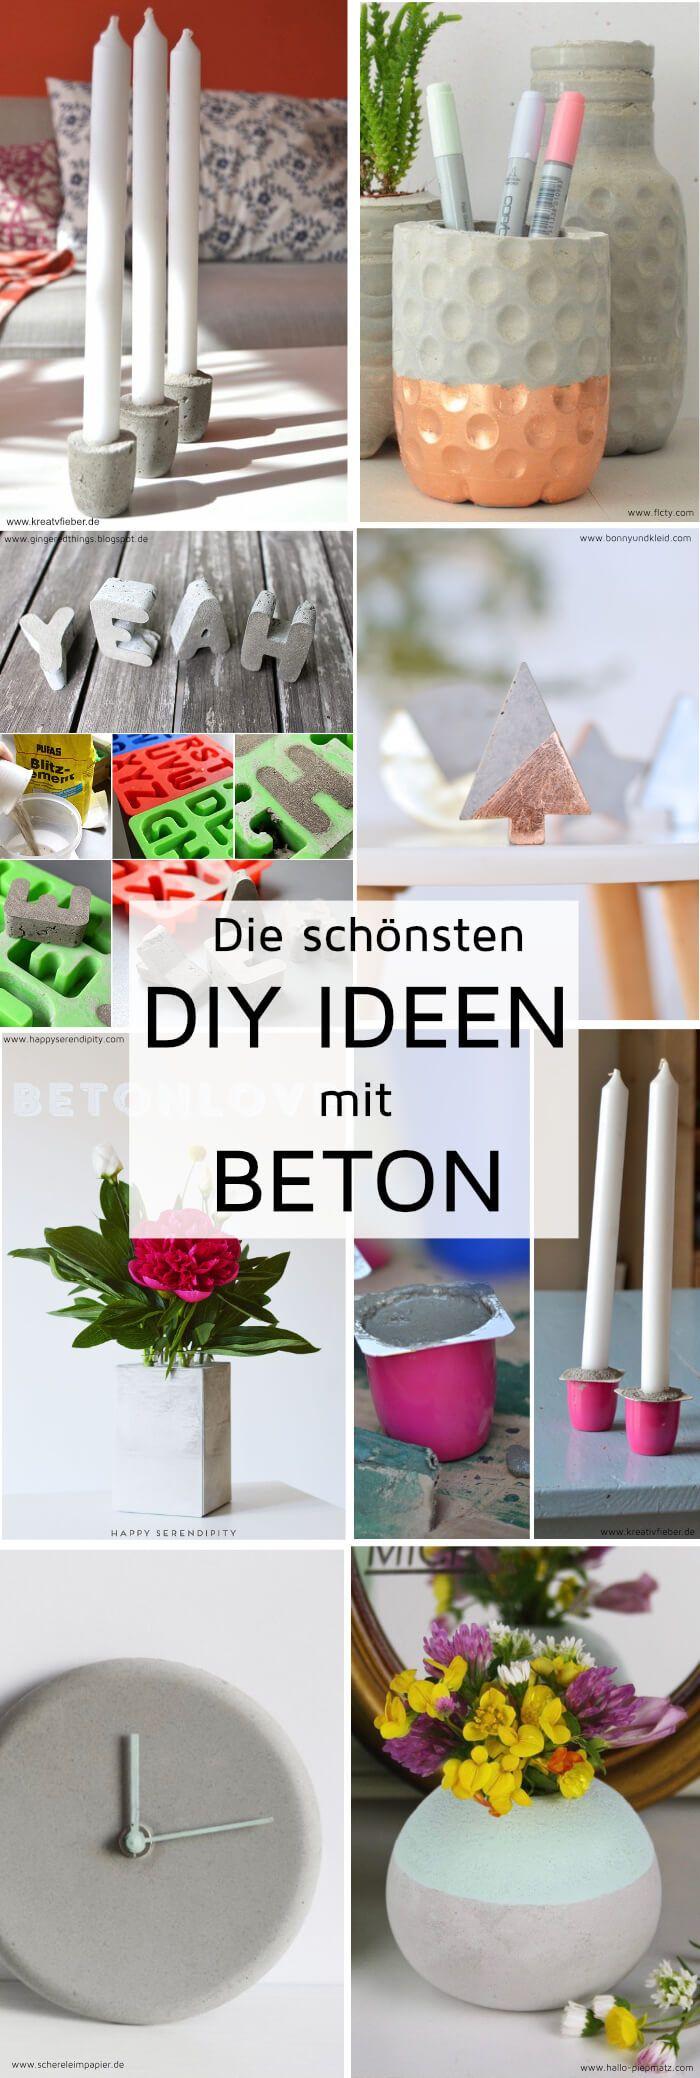 diy-ideen-mit-beton-und-zement-schoene-deko-ideen-fuer-zuhause